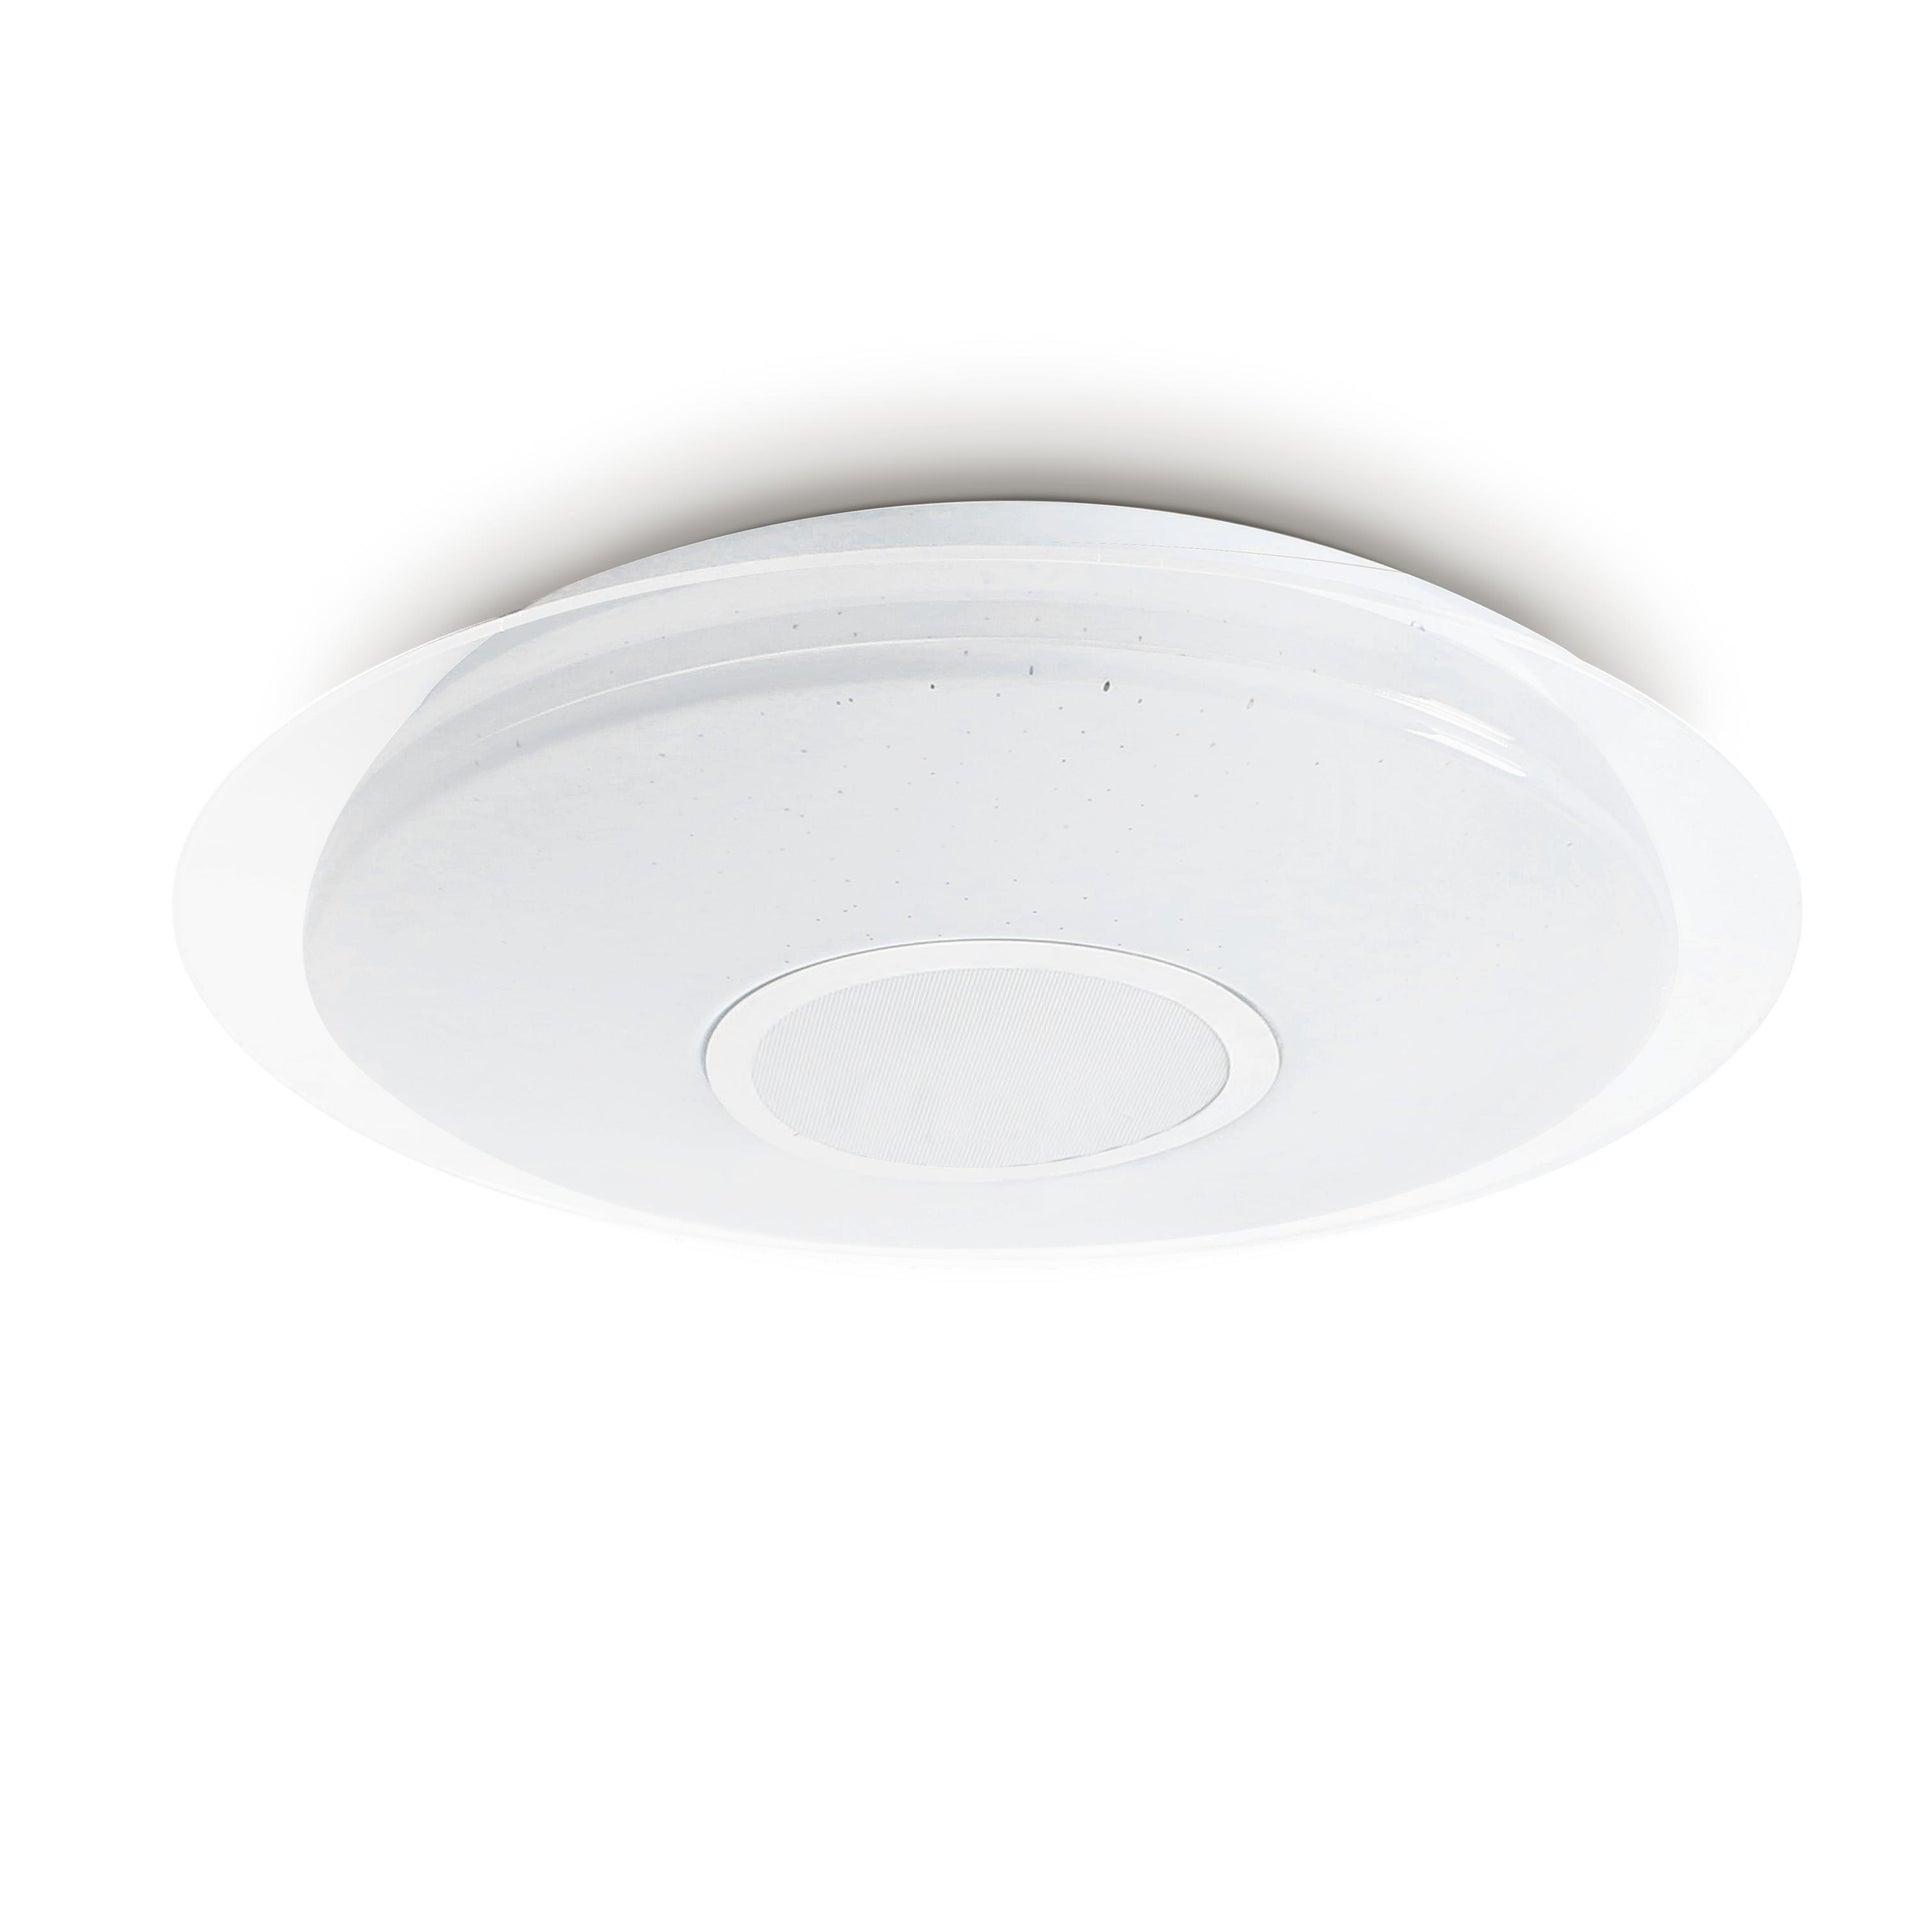 Plafoniera moderno Vizzini LED integrato bianco D. 40 cm 40x40 cm, INSPIRE - 7